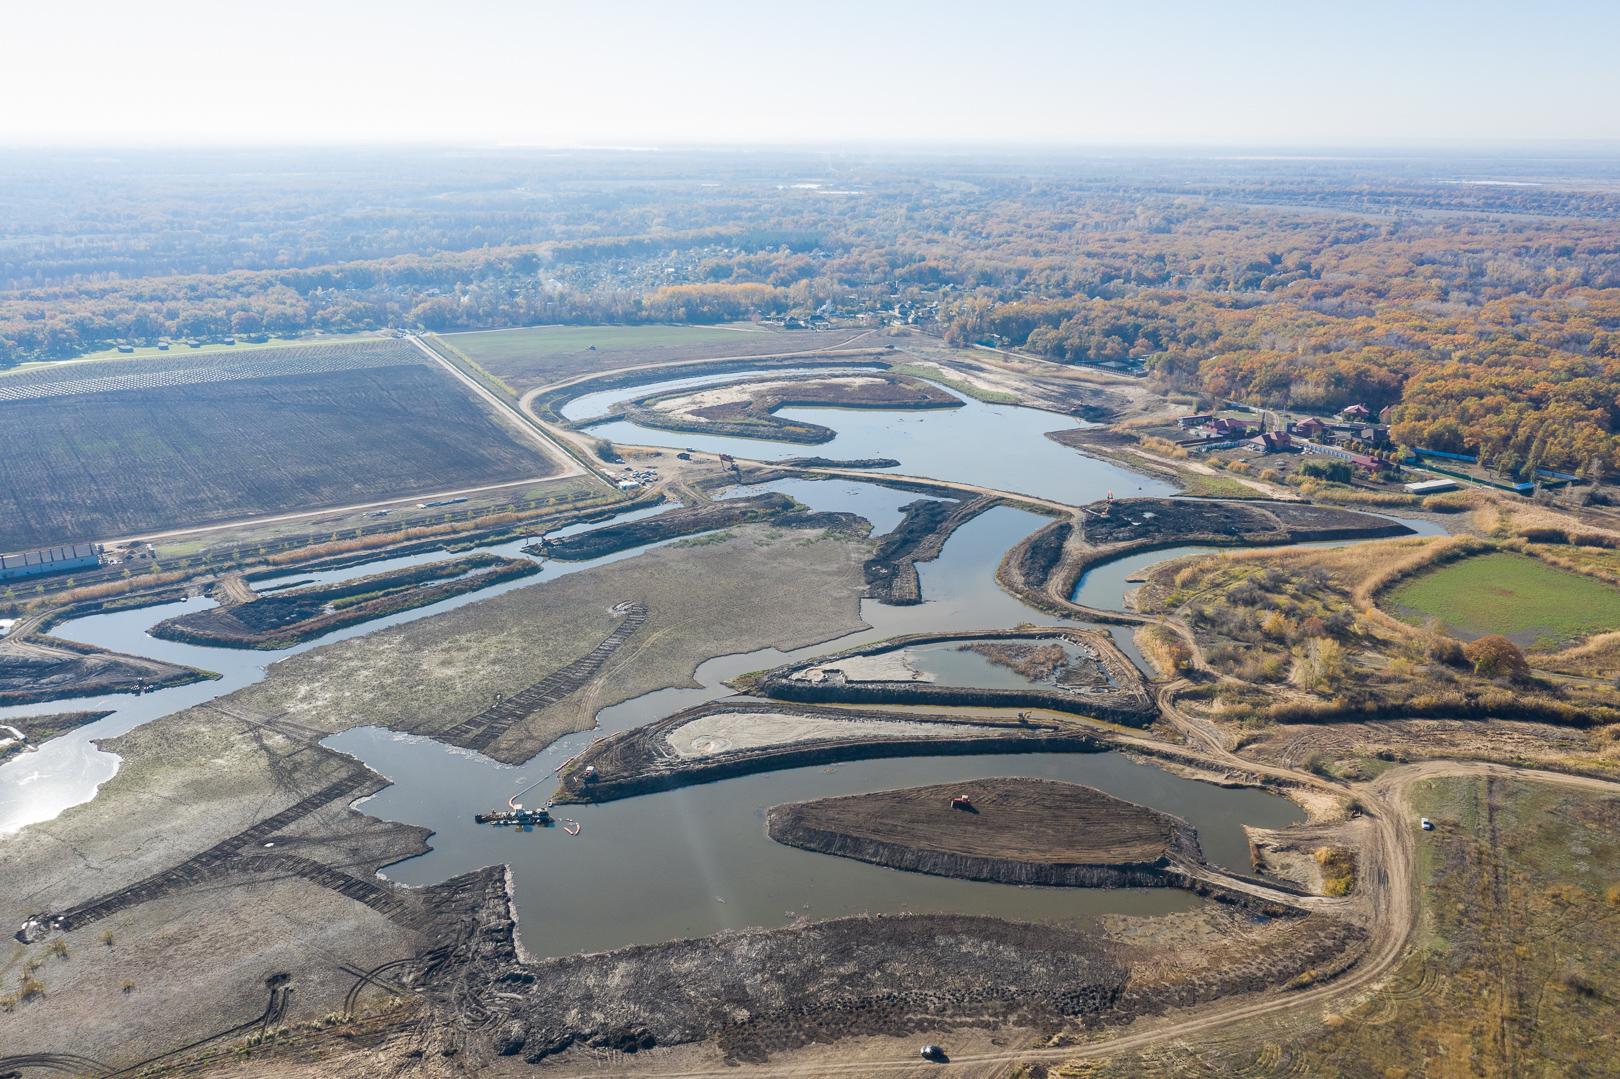 В Волго-Ахтубинской пойме завершается строительство очередного гидротехнического сооружения